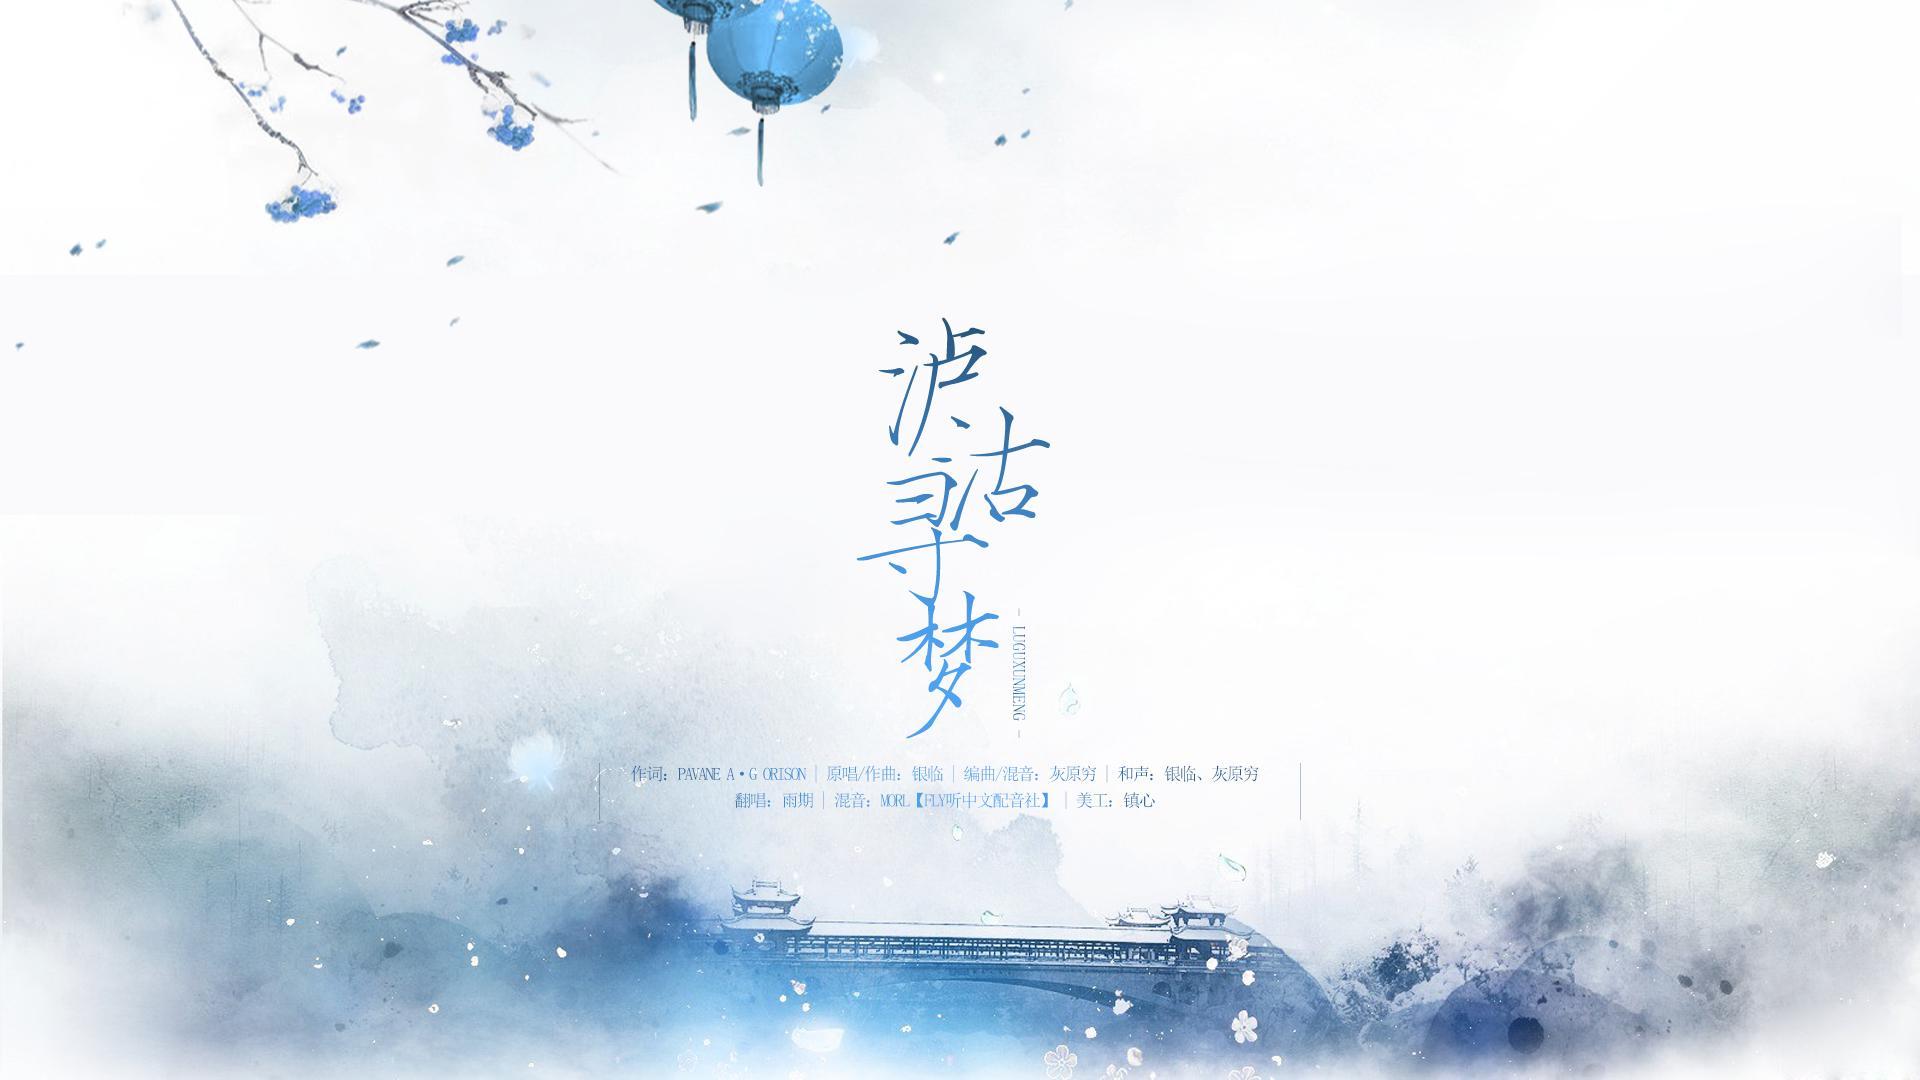 水墨江南(cover:少司命) - 雨期 - 网易云音乐